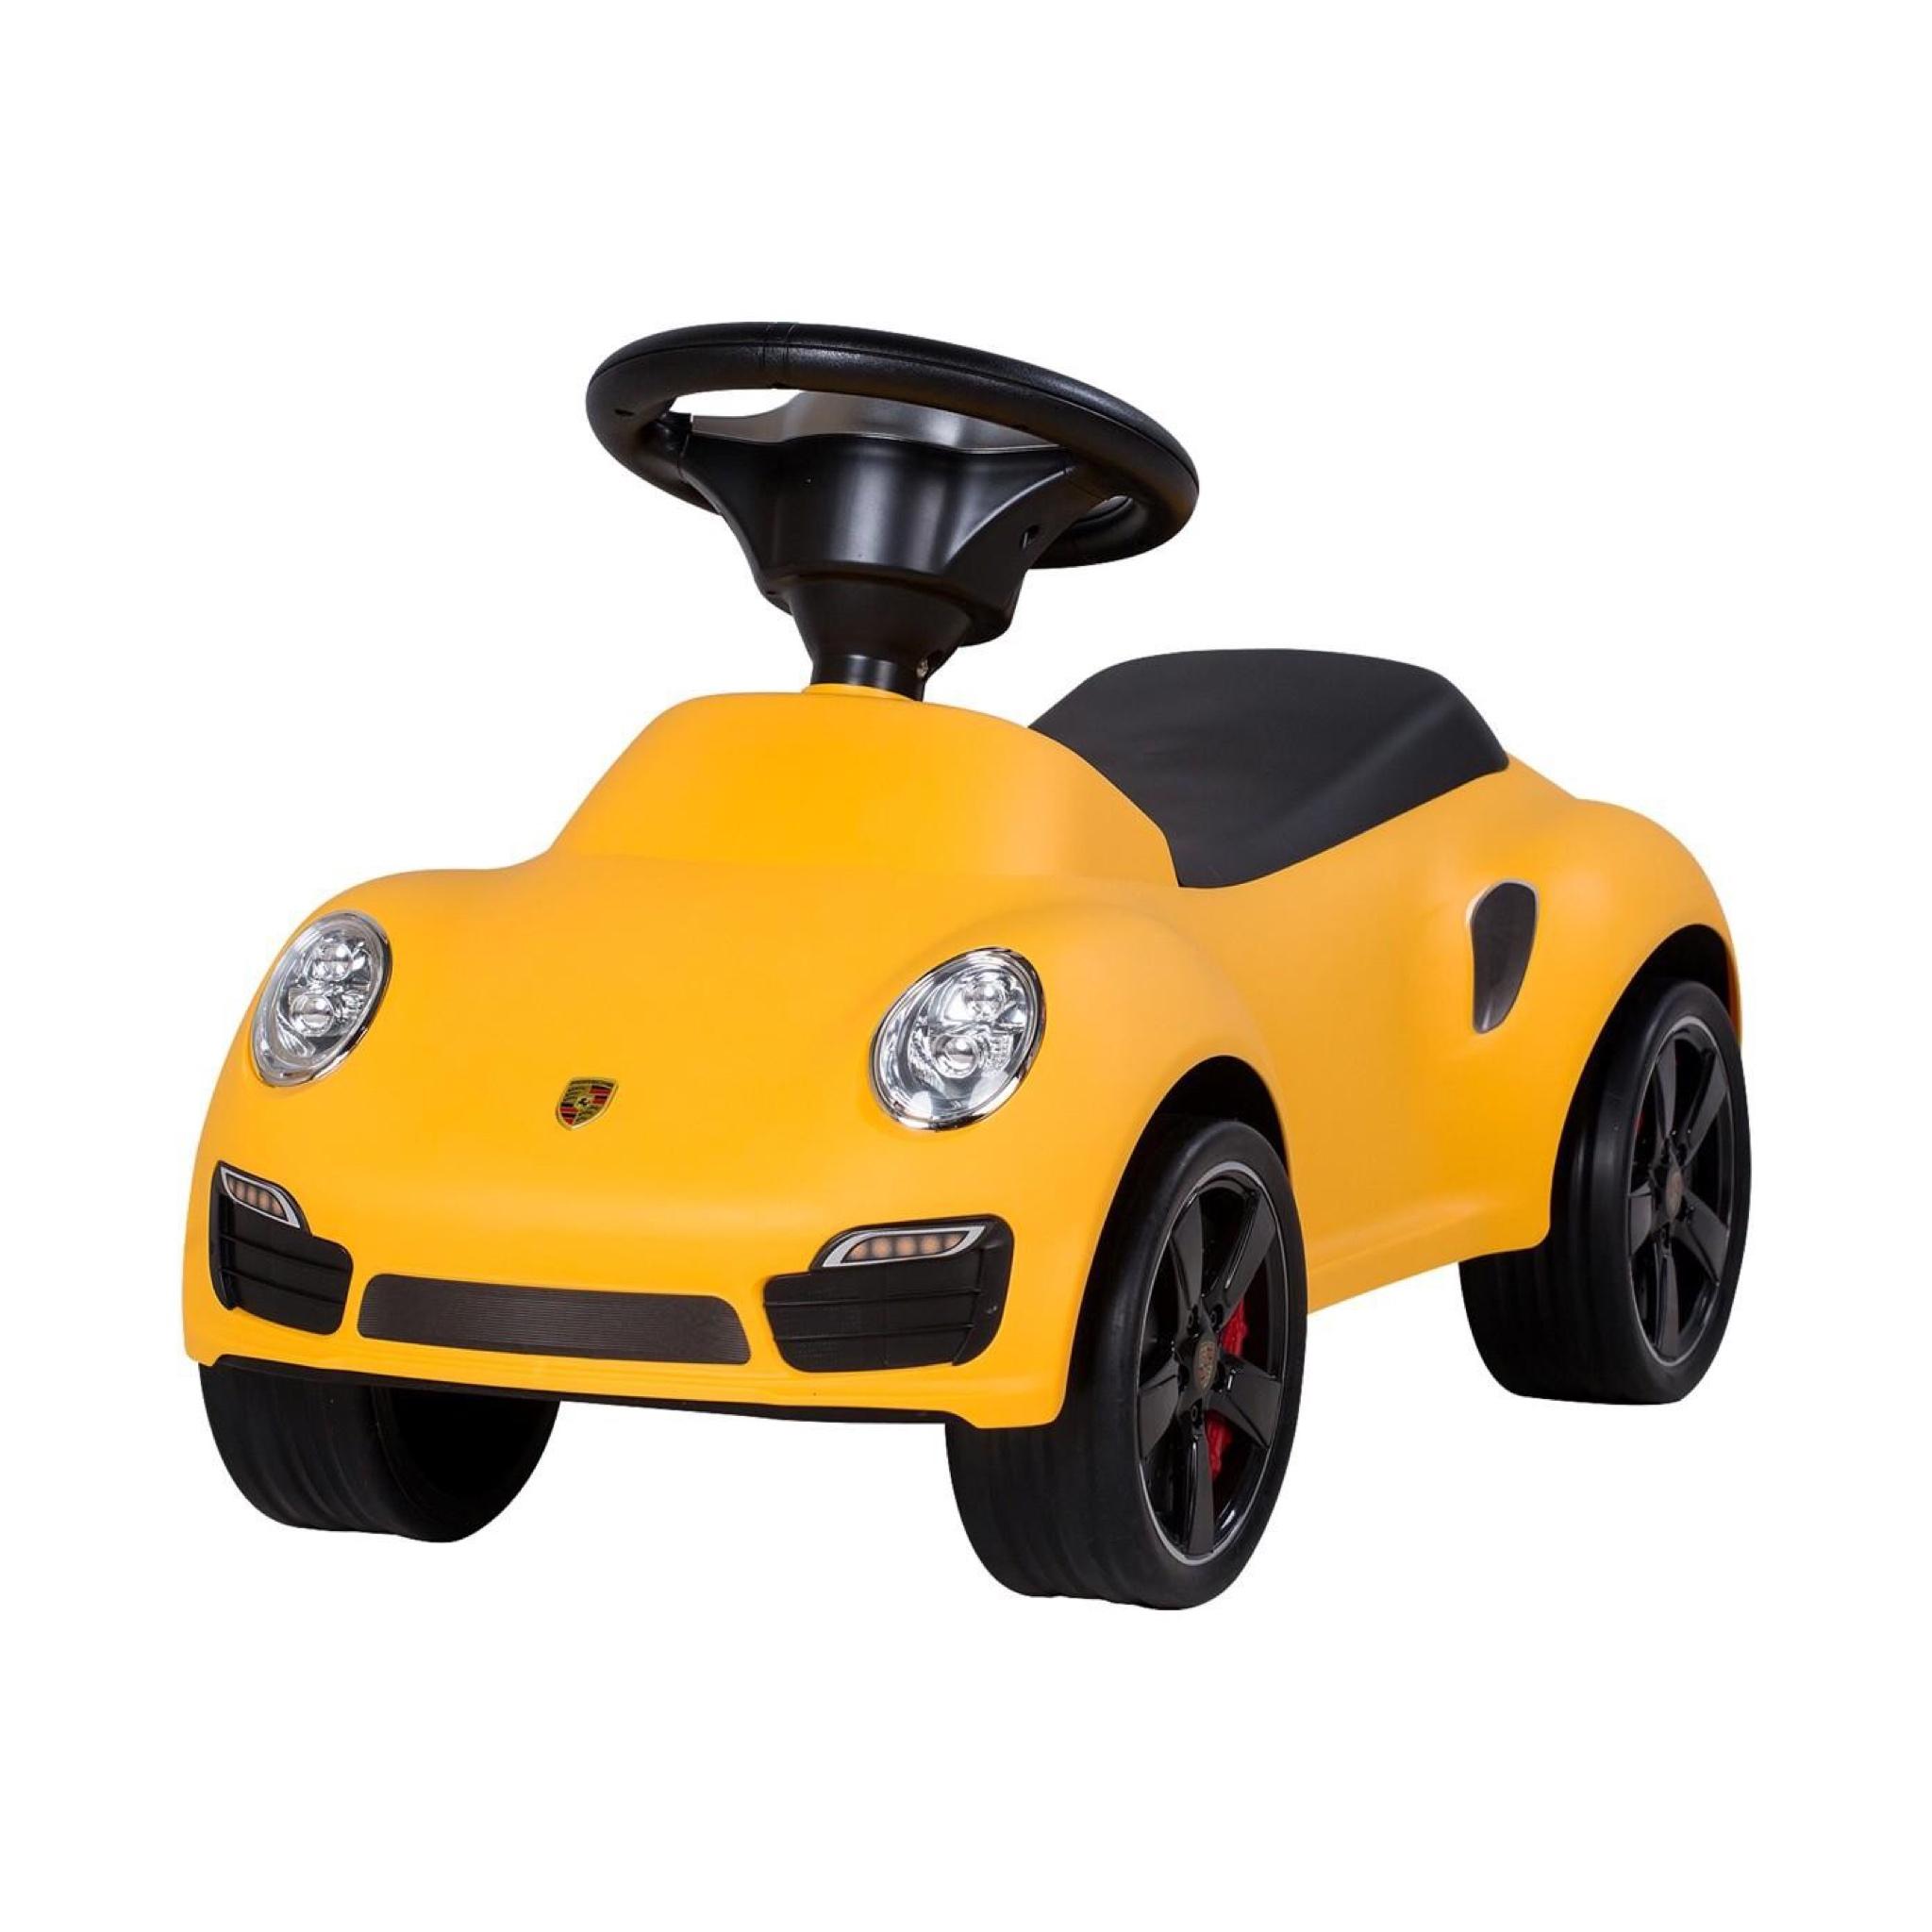 รถซุปเปอร์คาร์ขาไถลิขสิทธิ์แท้ของรถยนต์ Porsche รุ่น Porsche 911 Turbo Push Car - Yellow